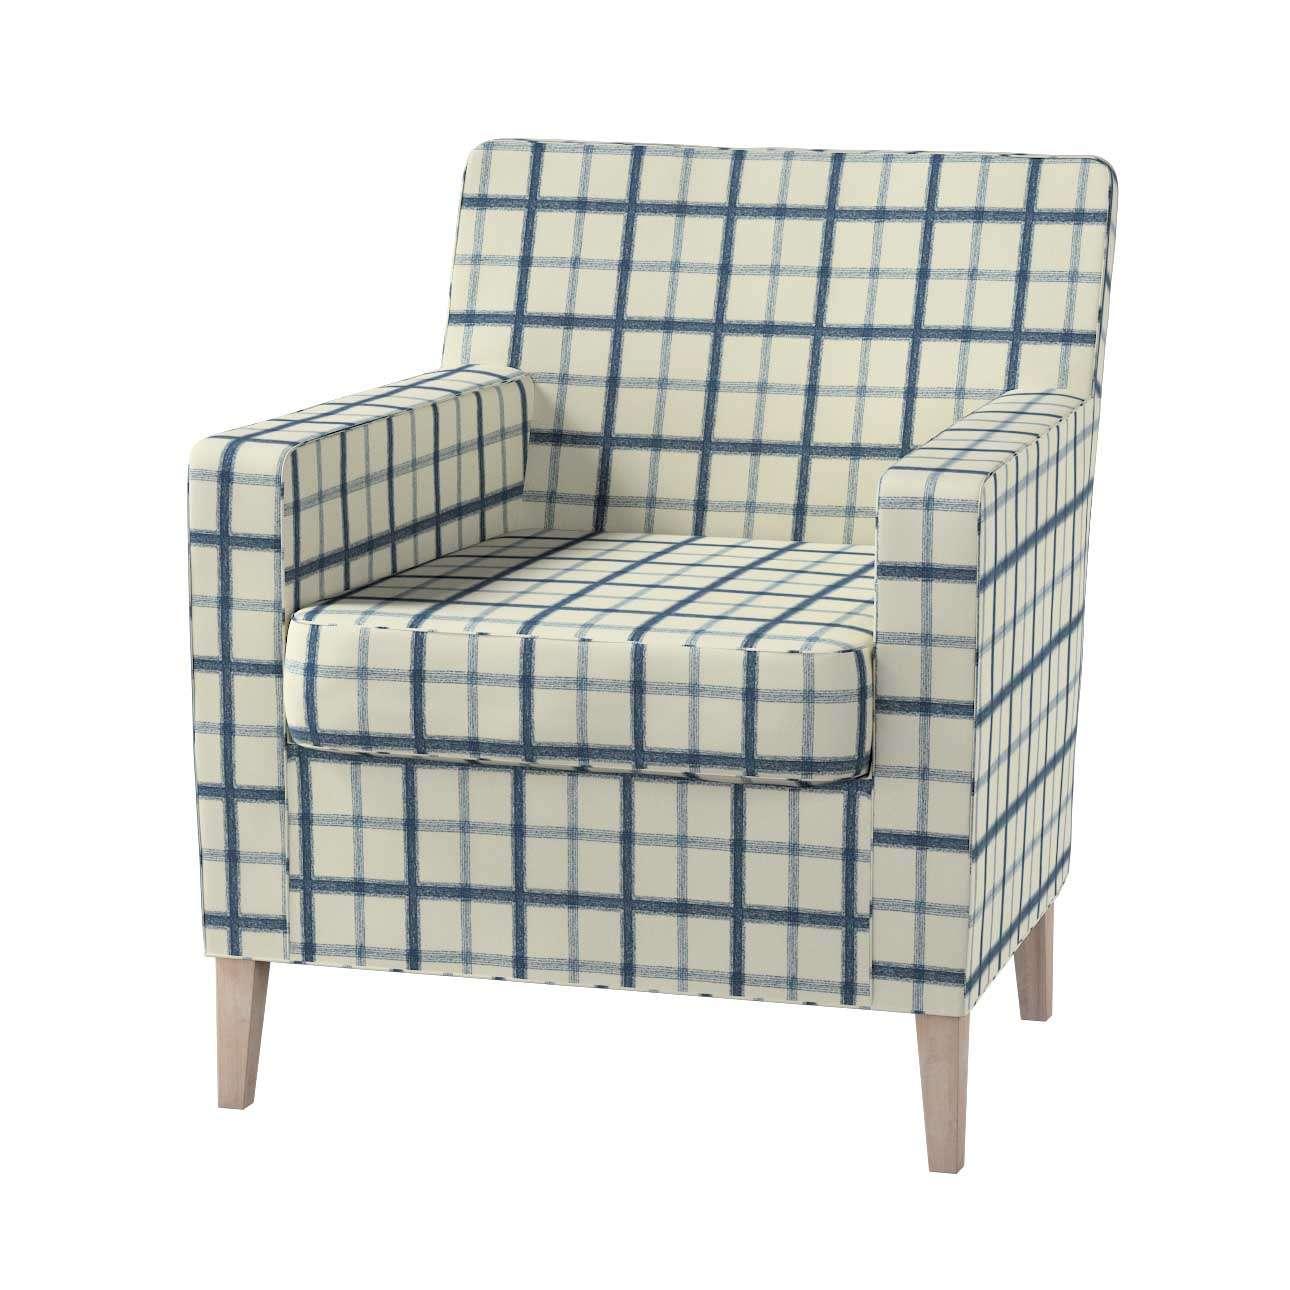 Karlstad fotelio-kėdės užvalkalas Karlstad fotelio - kėdės užvalkalas kolekcijoje Avinon, audinys: 131-66